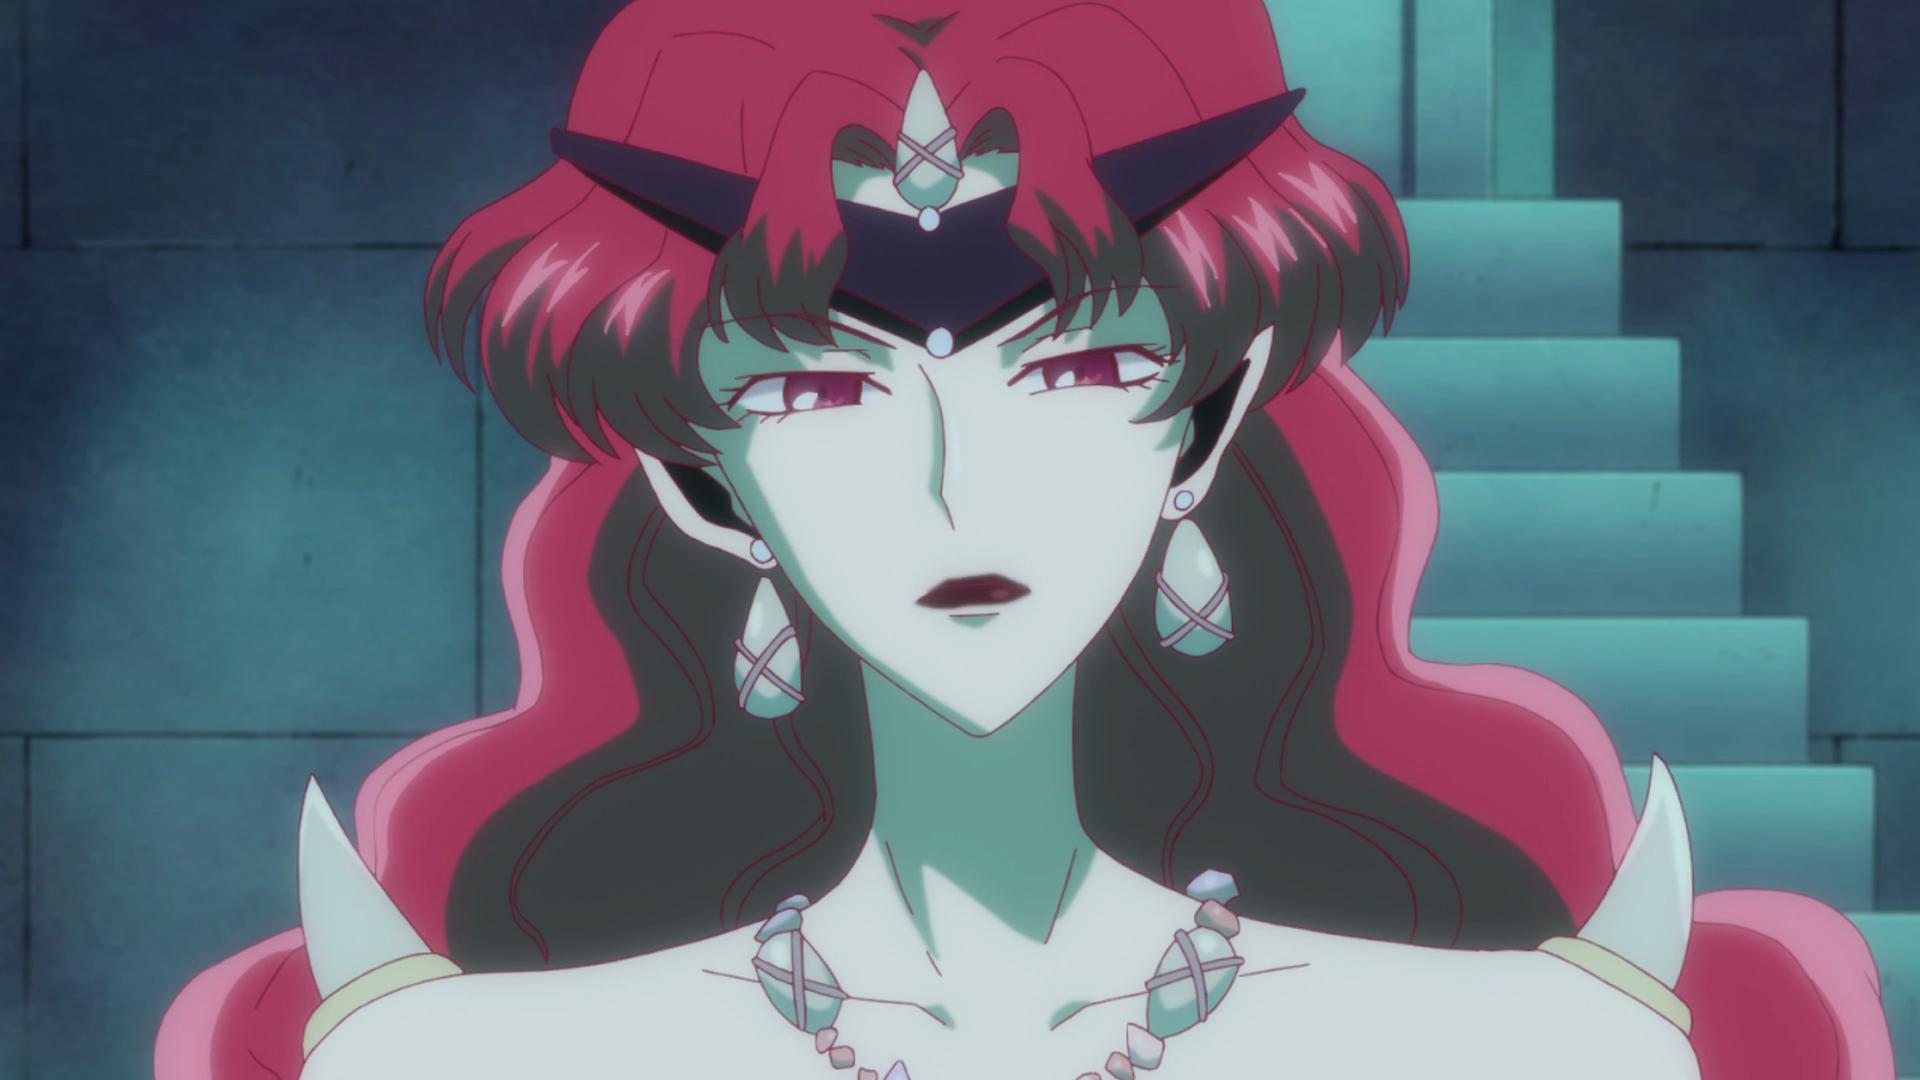 Cradobljeo125/Propuesta de Doblaje para los villanos de Sailor Moon